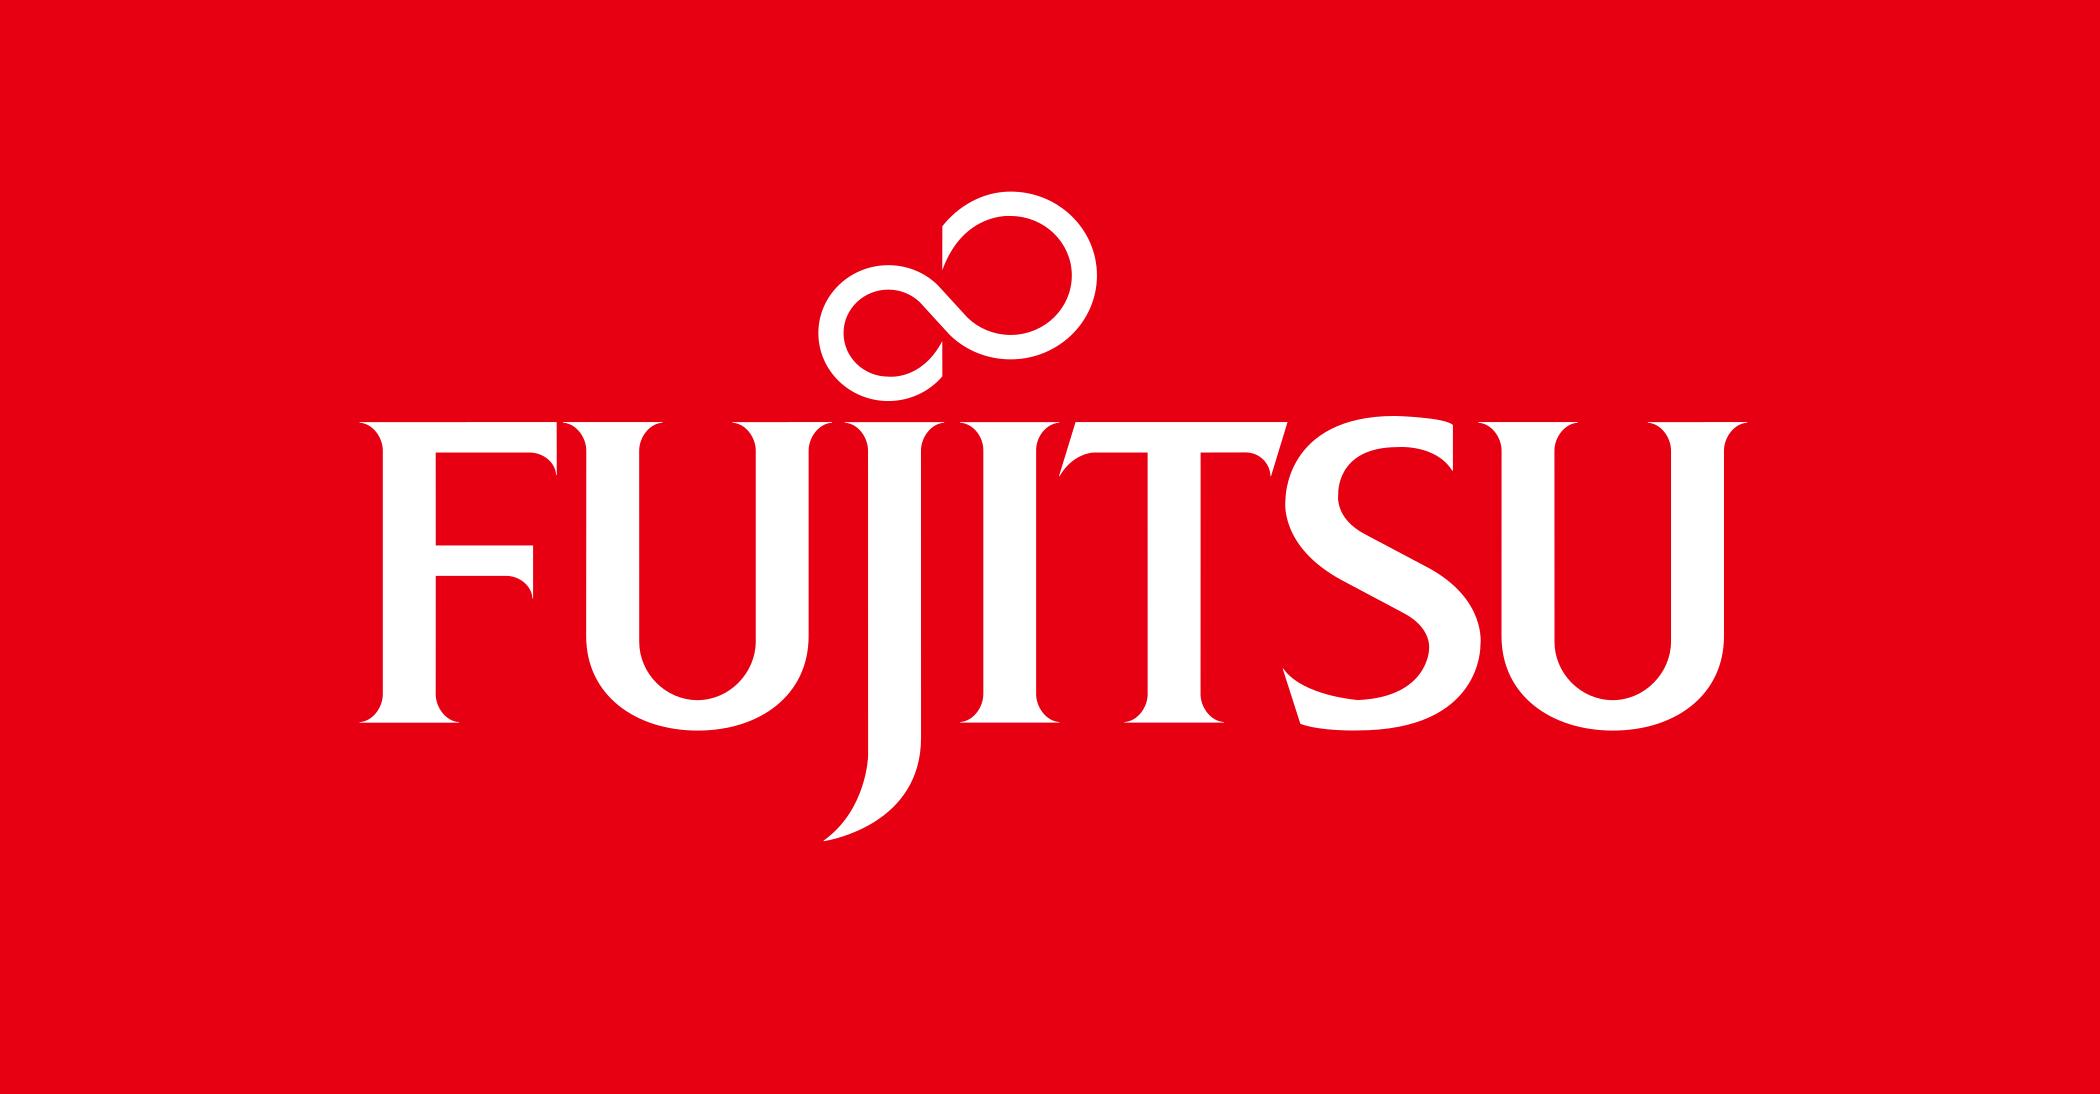 fujitsu logo 02 - Fujitsu Logo